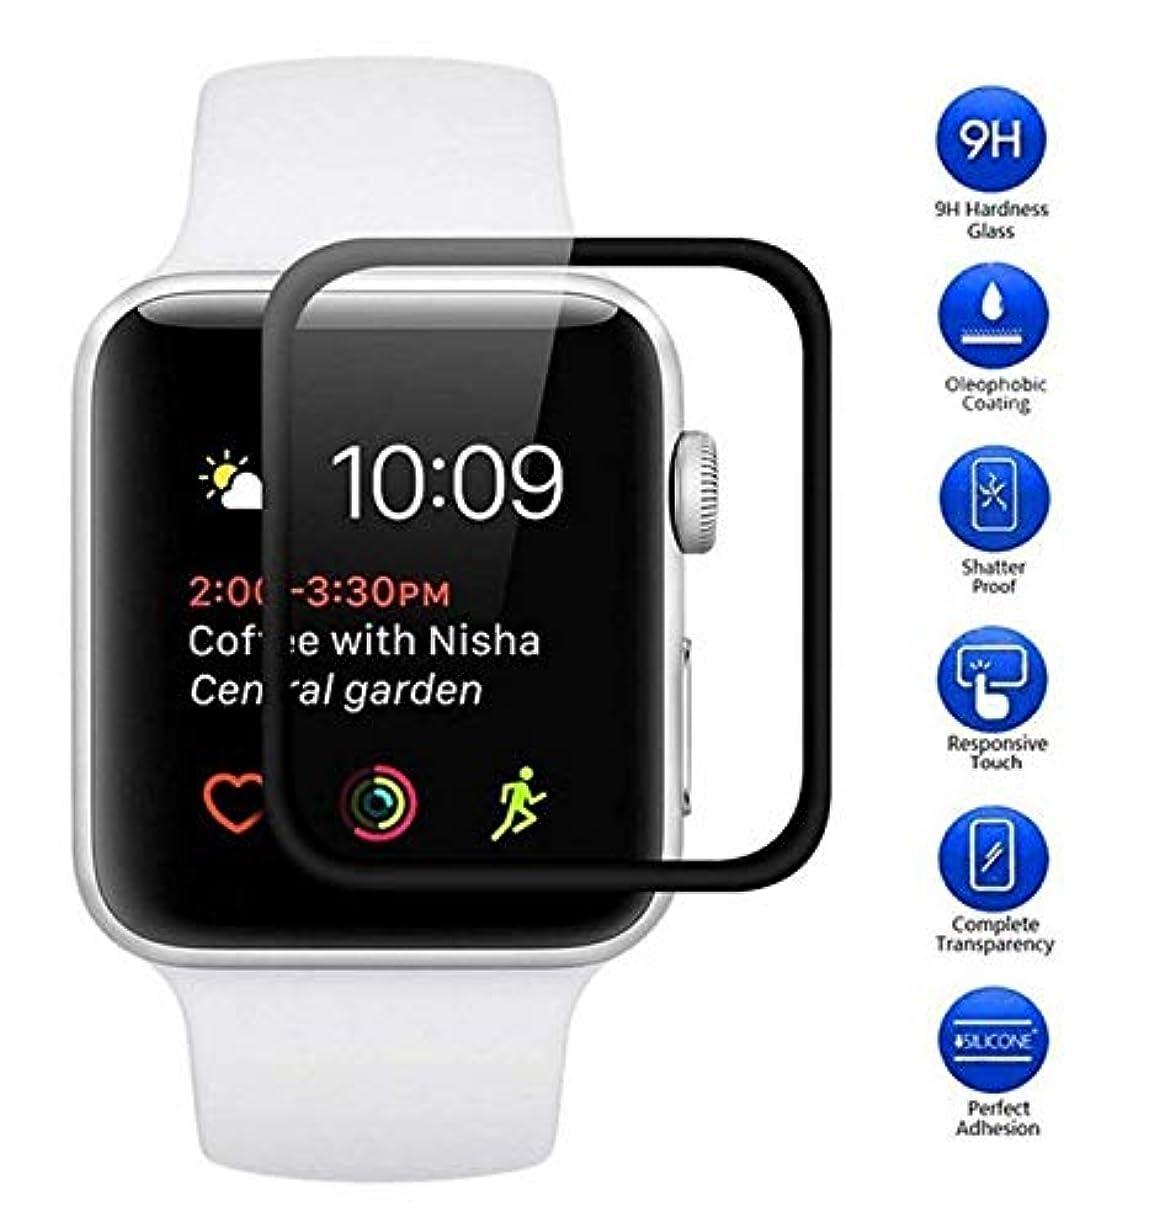 割る元のドアミラーGengenshi フィルム 対応 Apple Watch,3D曲面 液晶保護 強化 ガラスフィルム 全面吸着 フィルム ガラス 耐衝撃 適応 iWatch Series 4(44mm)